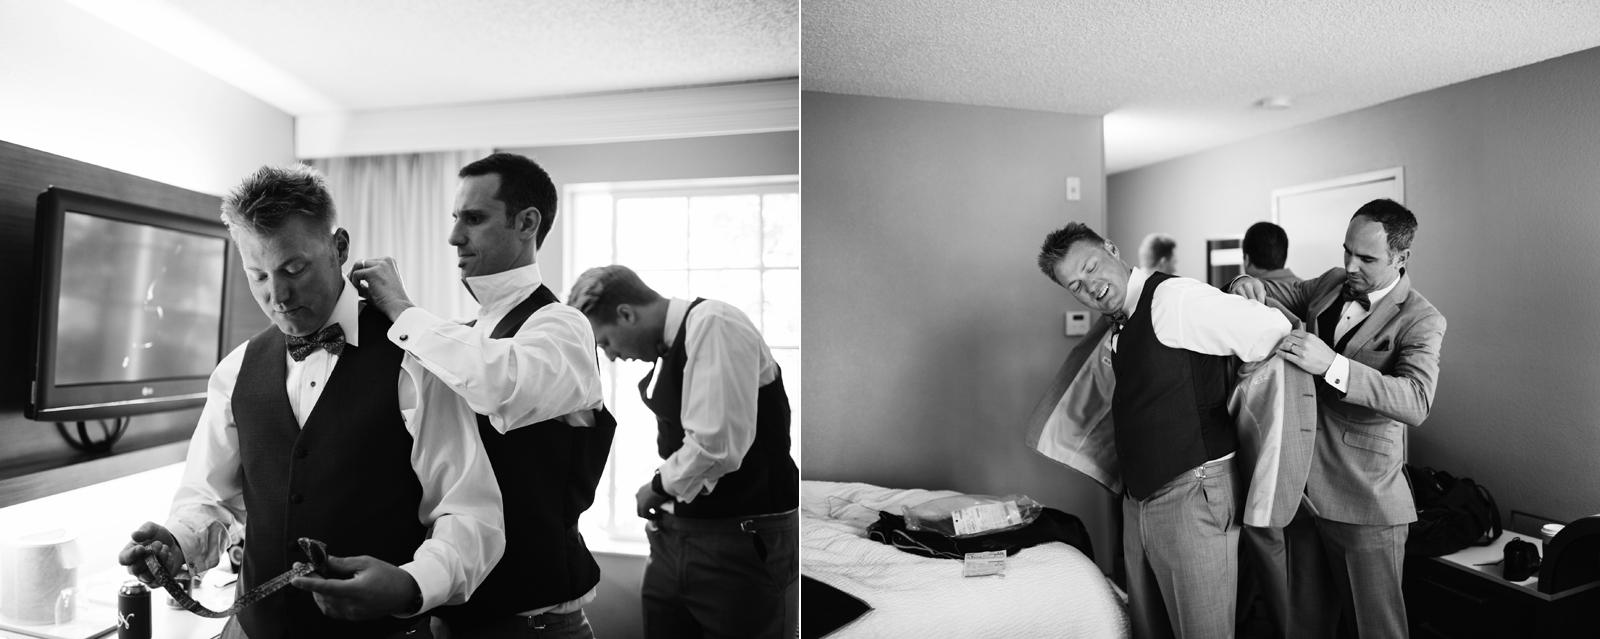 017-daronjackson-gabby-alec-wedding.jpg